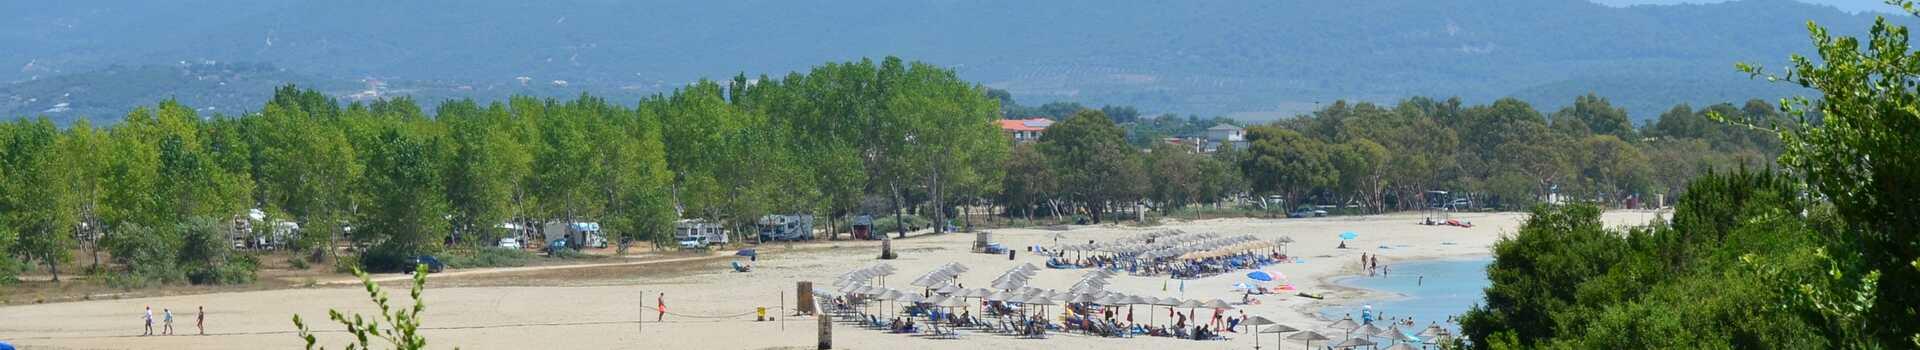 Řecko, Parga, Ammoudia, Pláž (9)